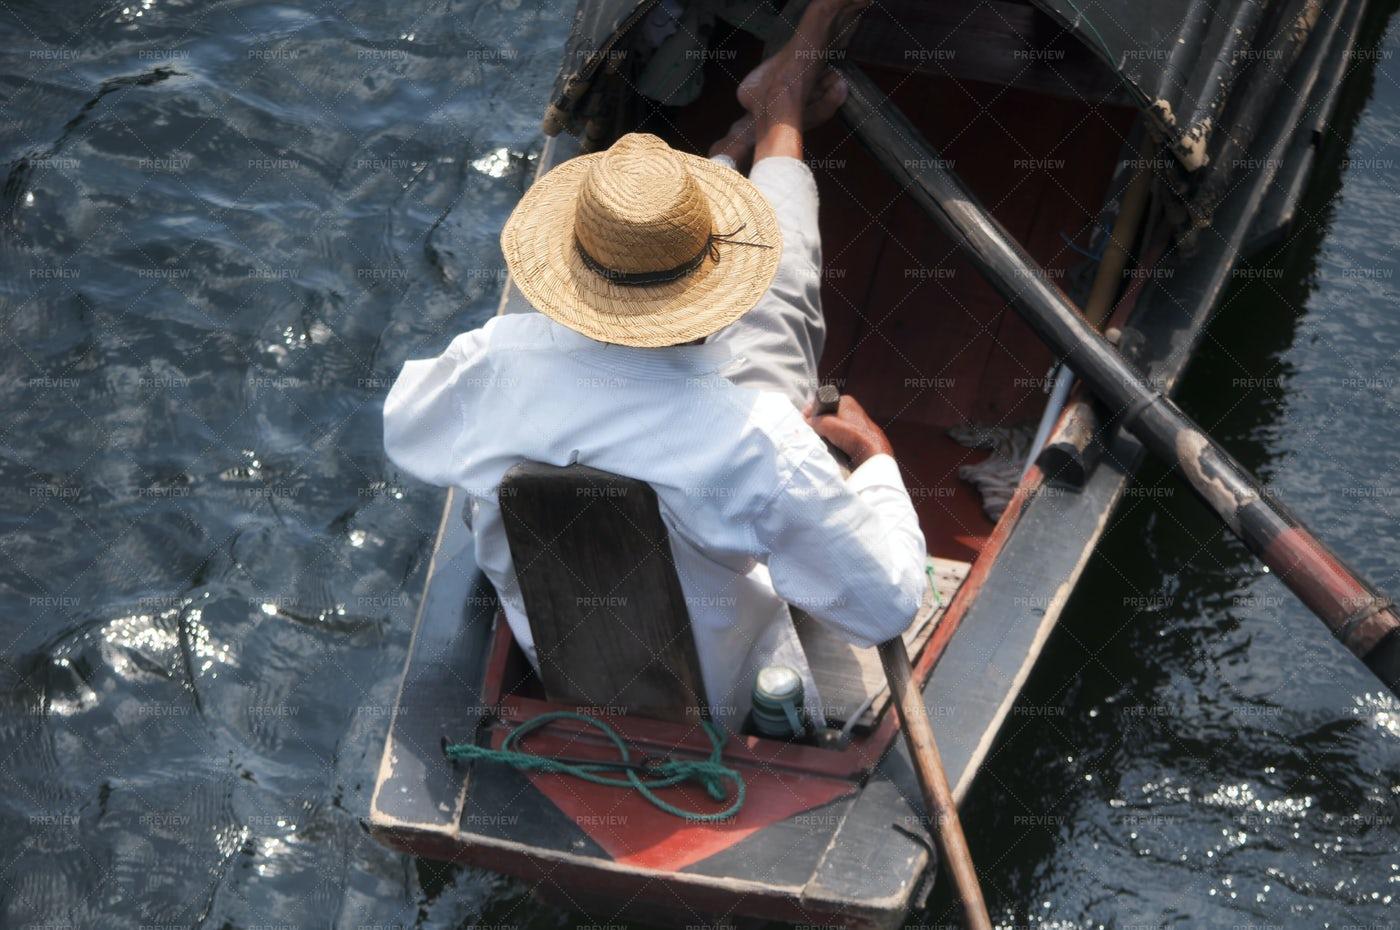 Black Canopied Boats China: Stock Photos